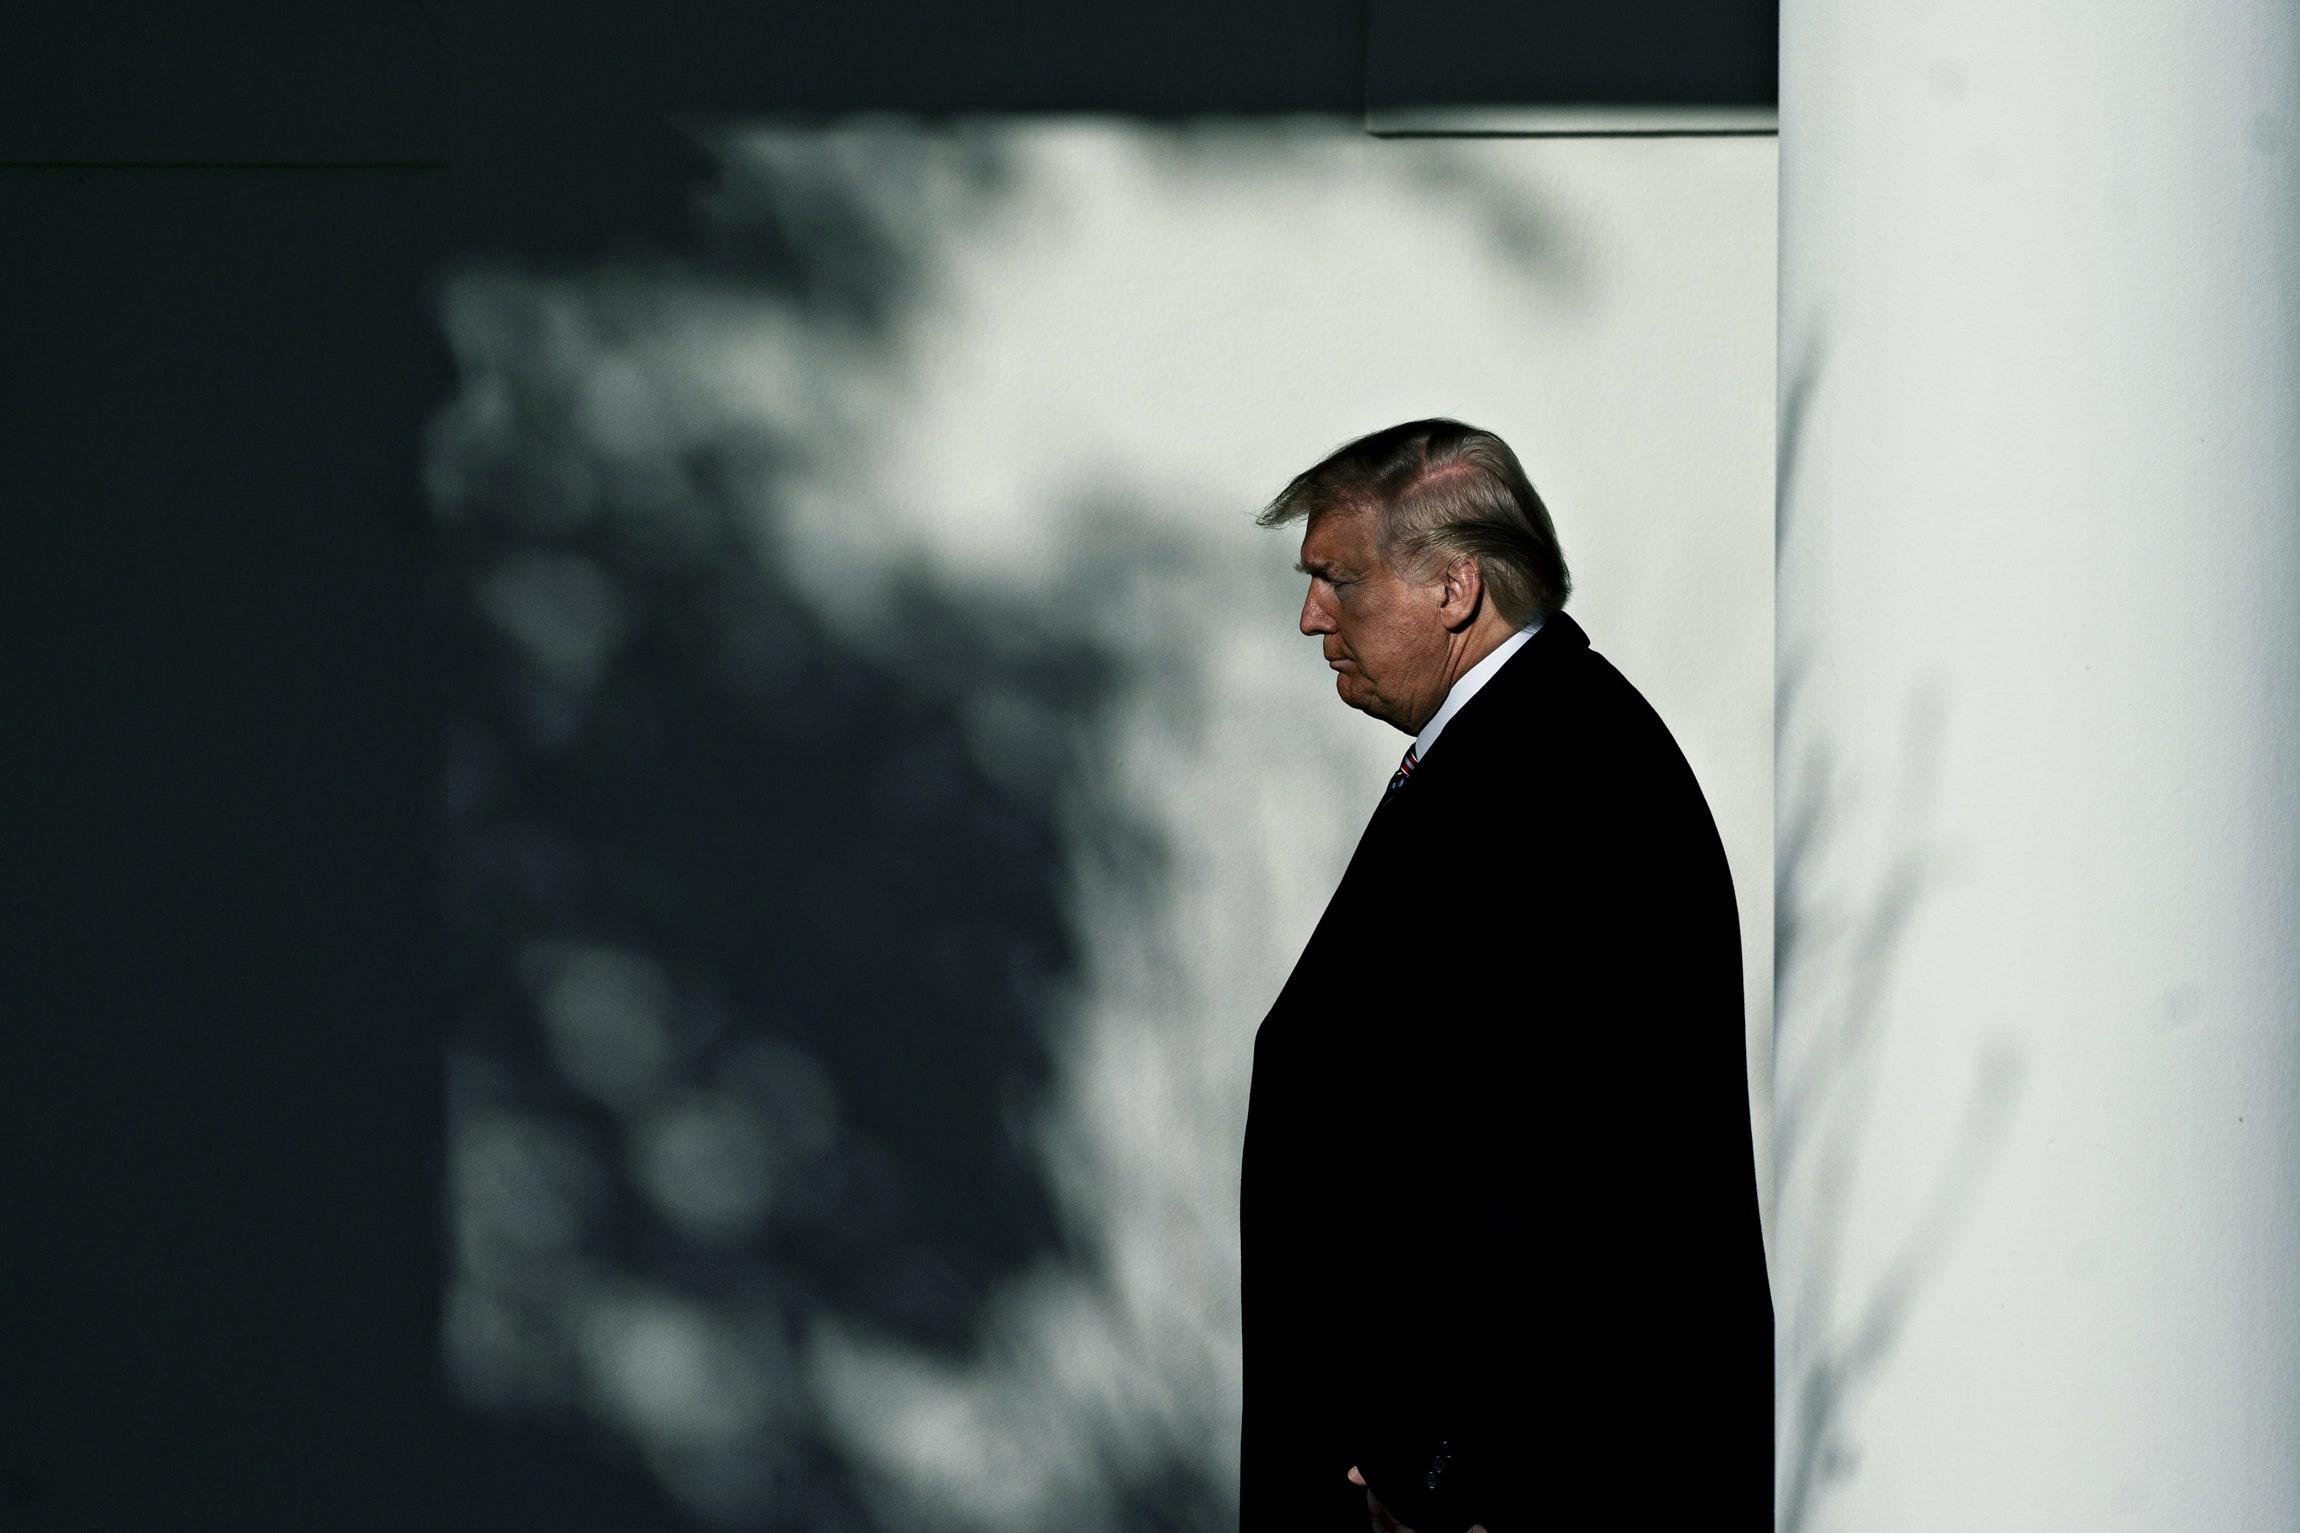 Tạm biệt Donald Trump: Khép lại 4 năm khác biệt trong lịch sử nước Mỹ - Ảnh 2.